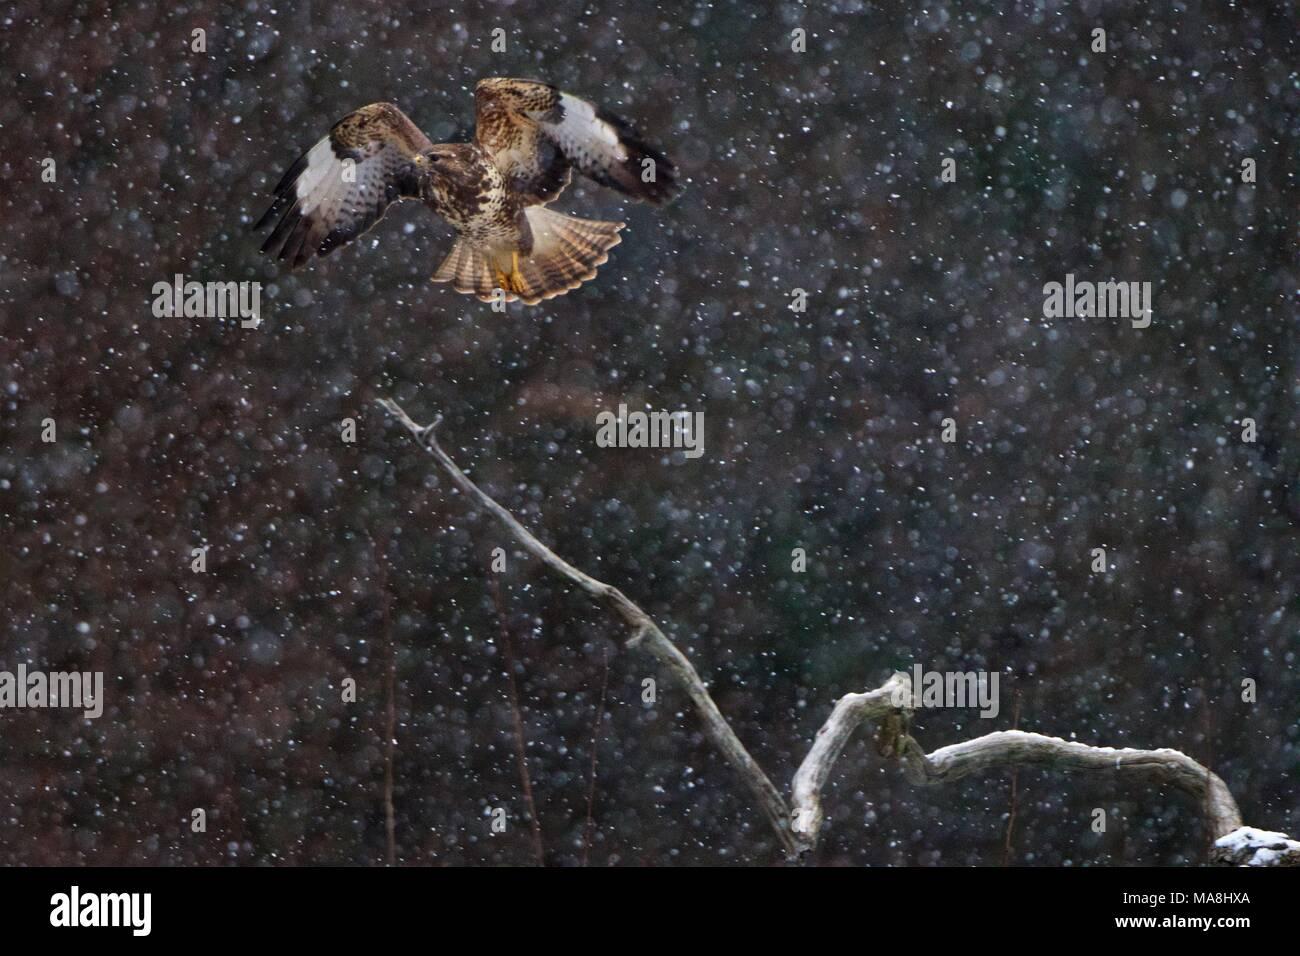 Common Buzzard (Buteo buteo) in flight during a heavy snowstorm.  Ratonero o Aguila Ratonera (Buteo buteo) en vuelo durante una densa nevada. Stock Photo